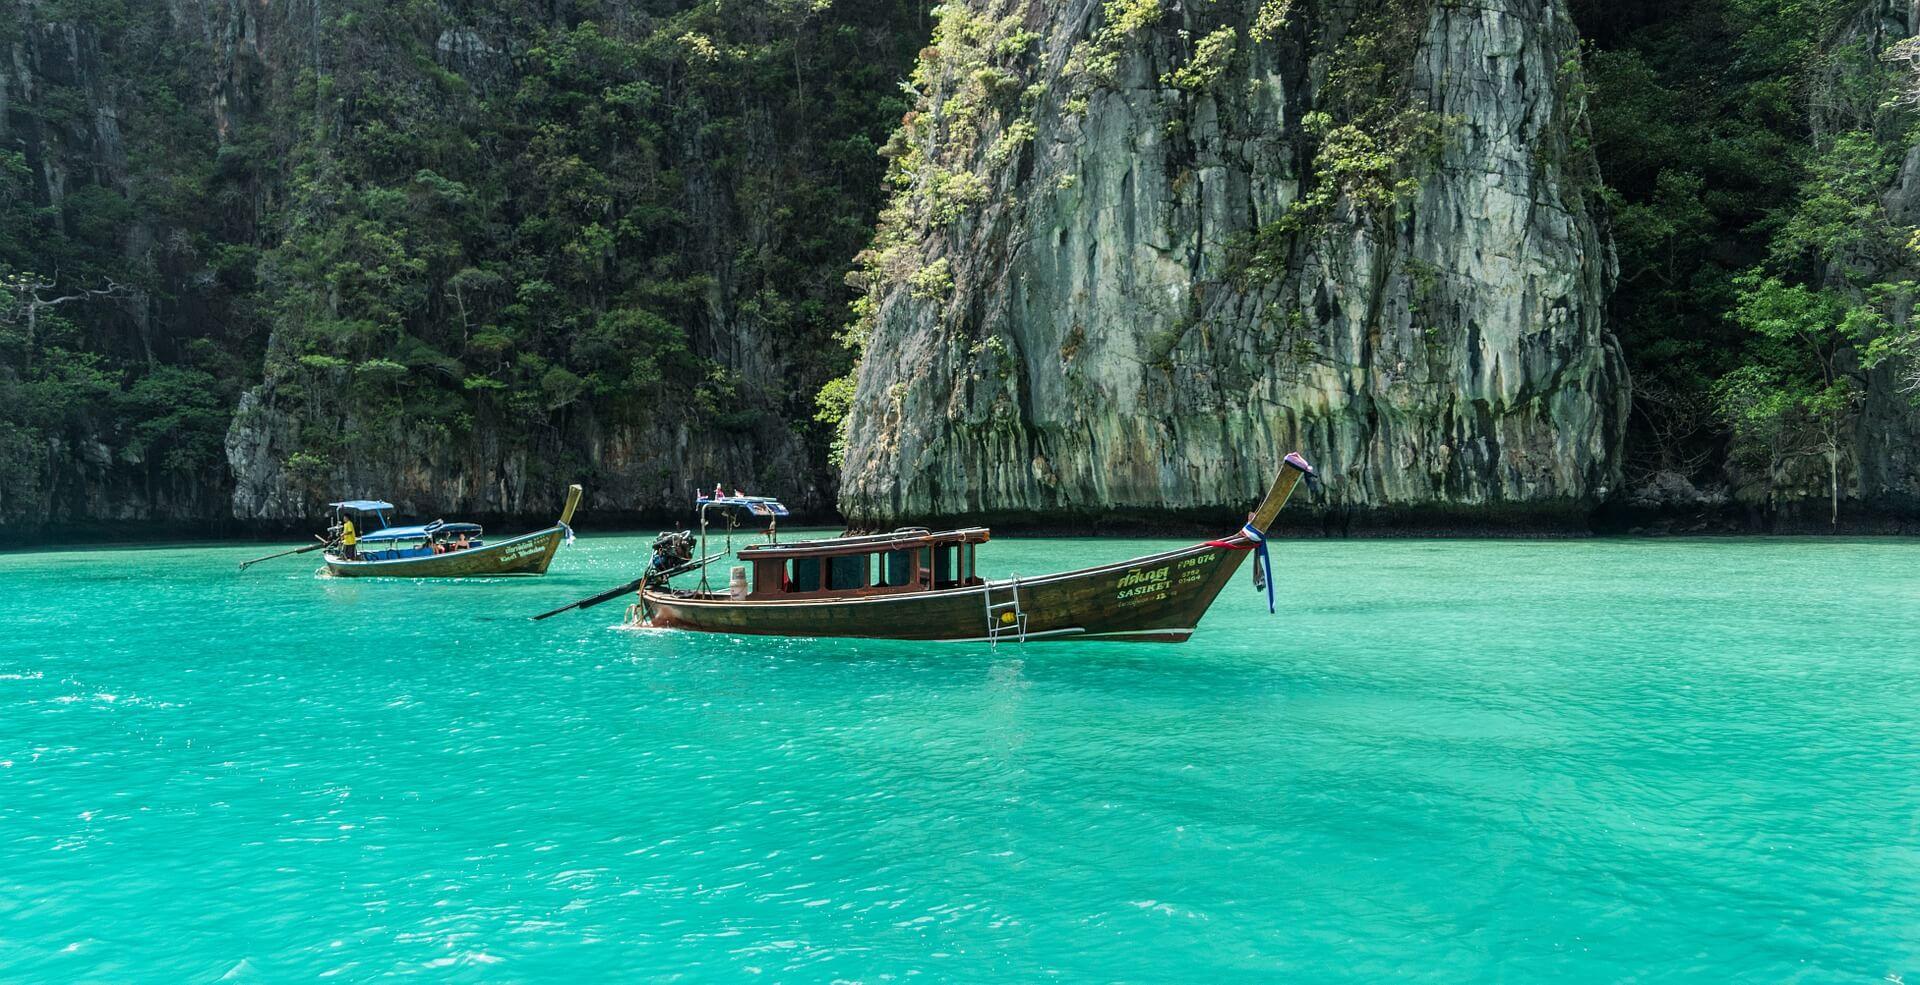 Urlaub in Phuket – Reisetipps eines Einheimischen